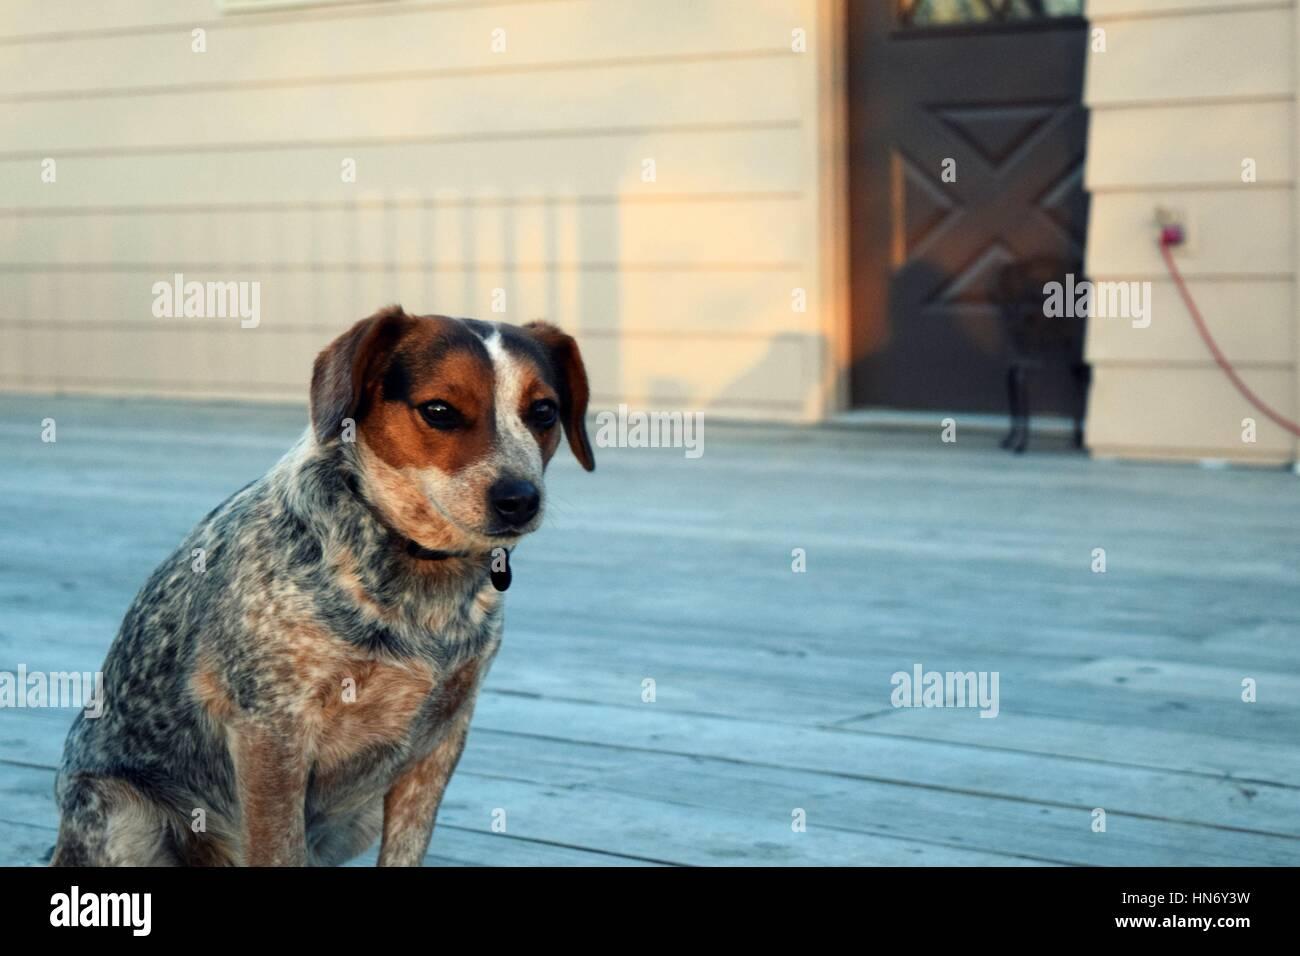 Beagle Mix Stock Photos & Beagle Mix Stock Images - Alamy